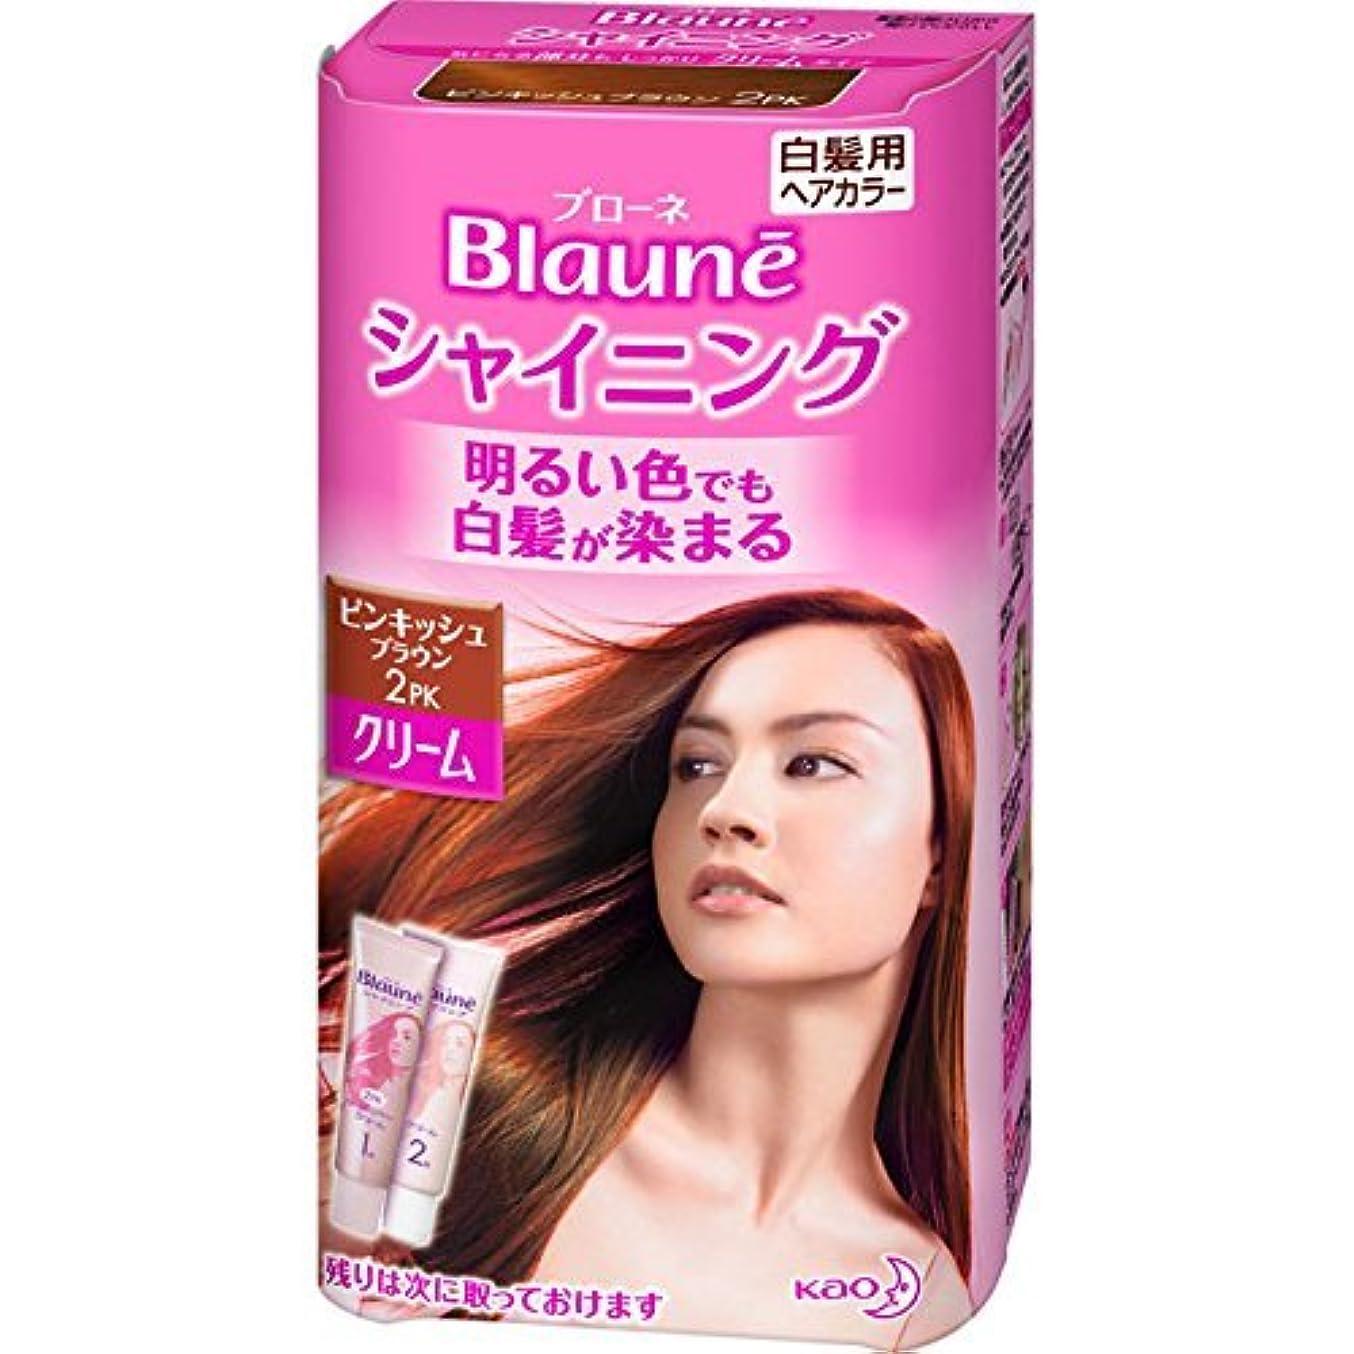 特別な深遠驚くばかり花王 ブローネ シャイニングヘアカラー クリーム 2PK 1剤50g/2剤50g(医薬部外品)《各50g》